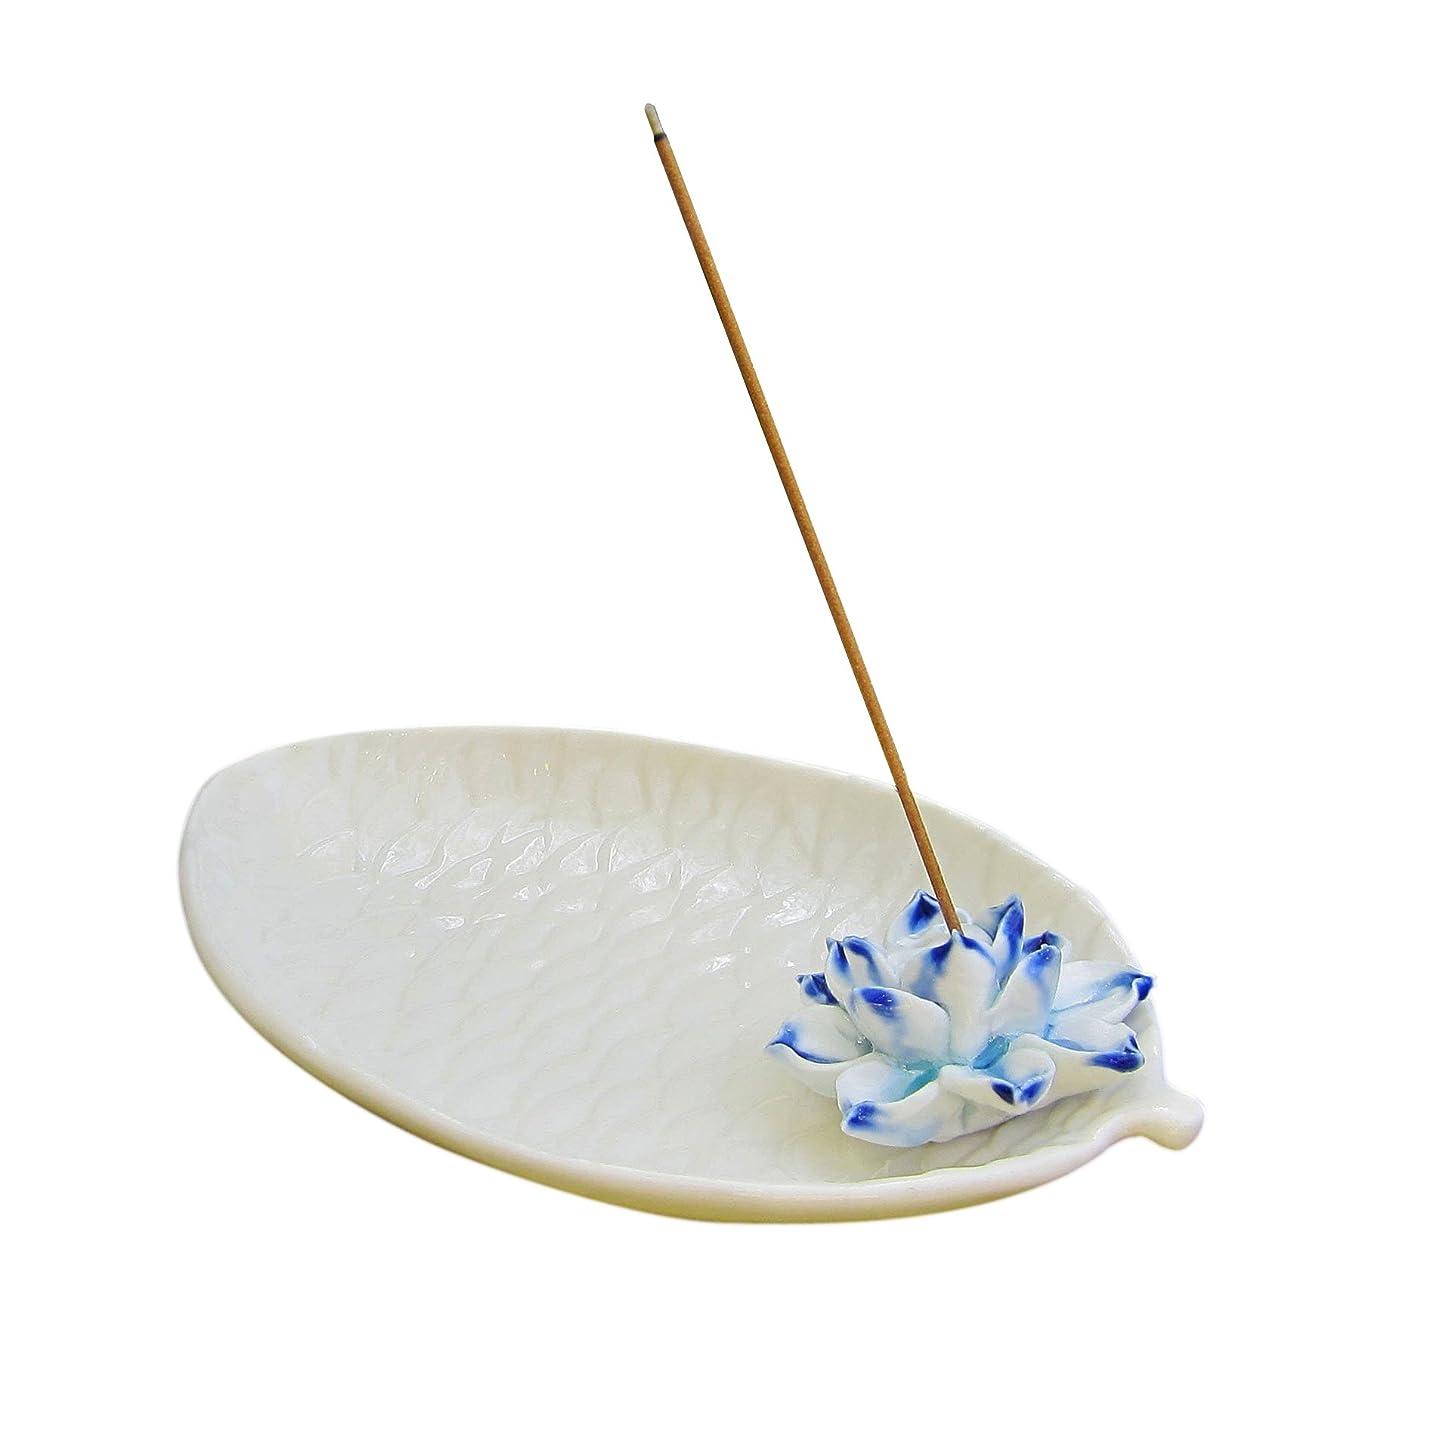 カニレギュラー居住者djiale Incense Stick Holderセラミック香炉with Ashキャッチャー Lotus ホワイト DjialeBurner05